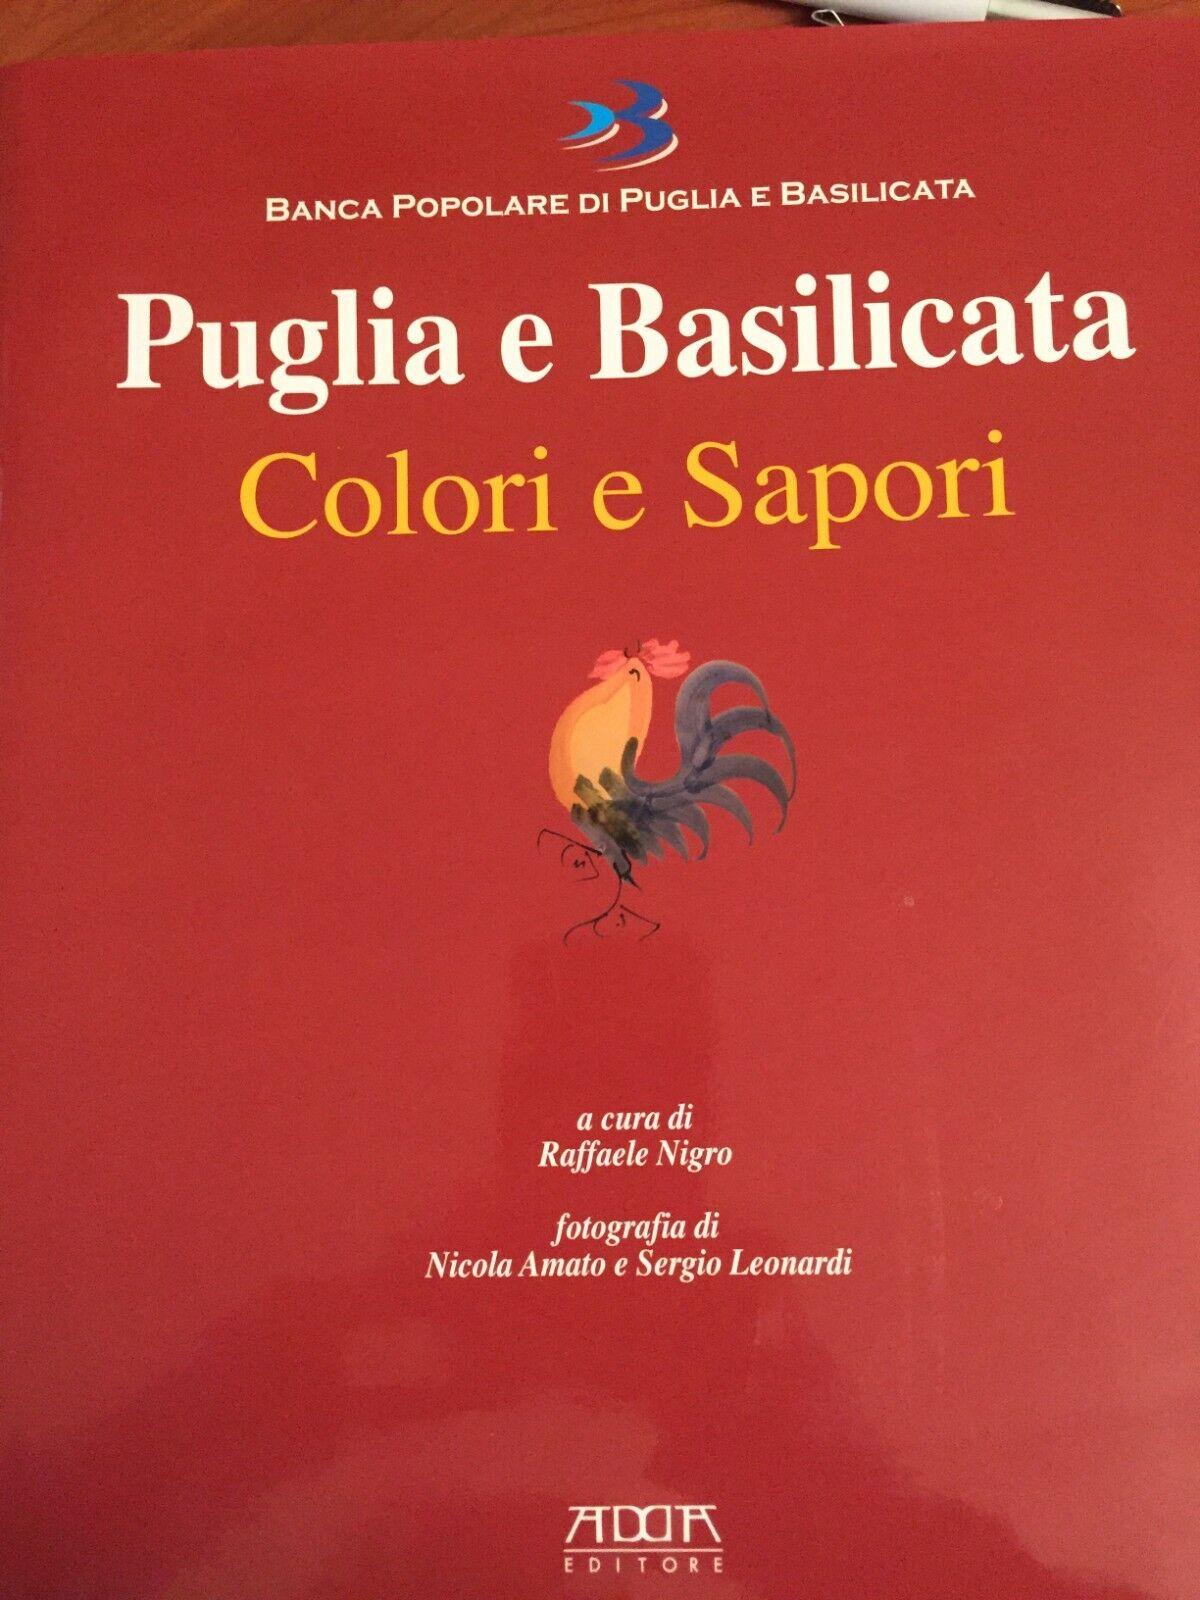 Libro Cucina Colori e Sapori Puglia e Basilicata